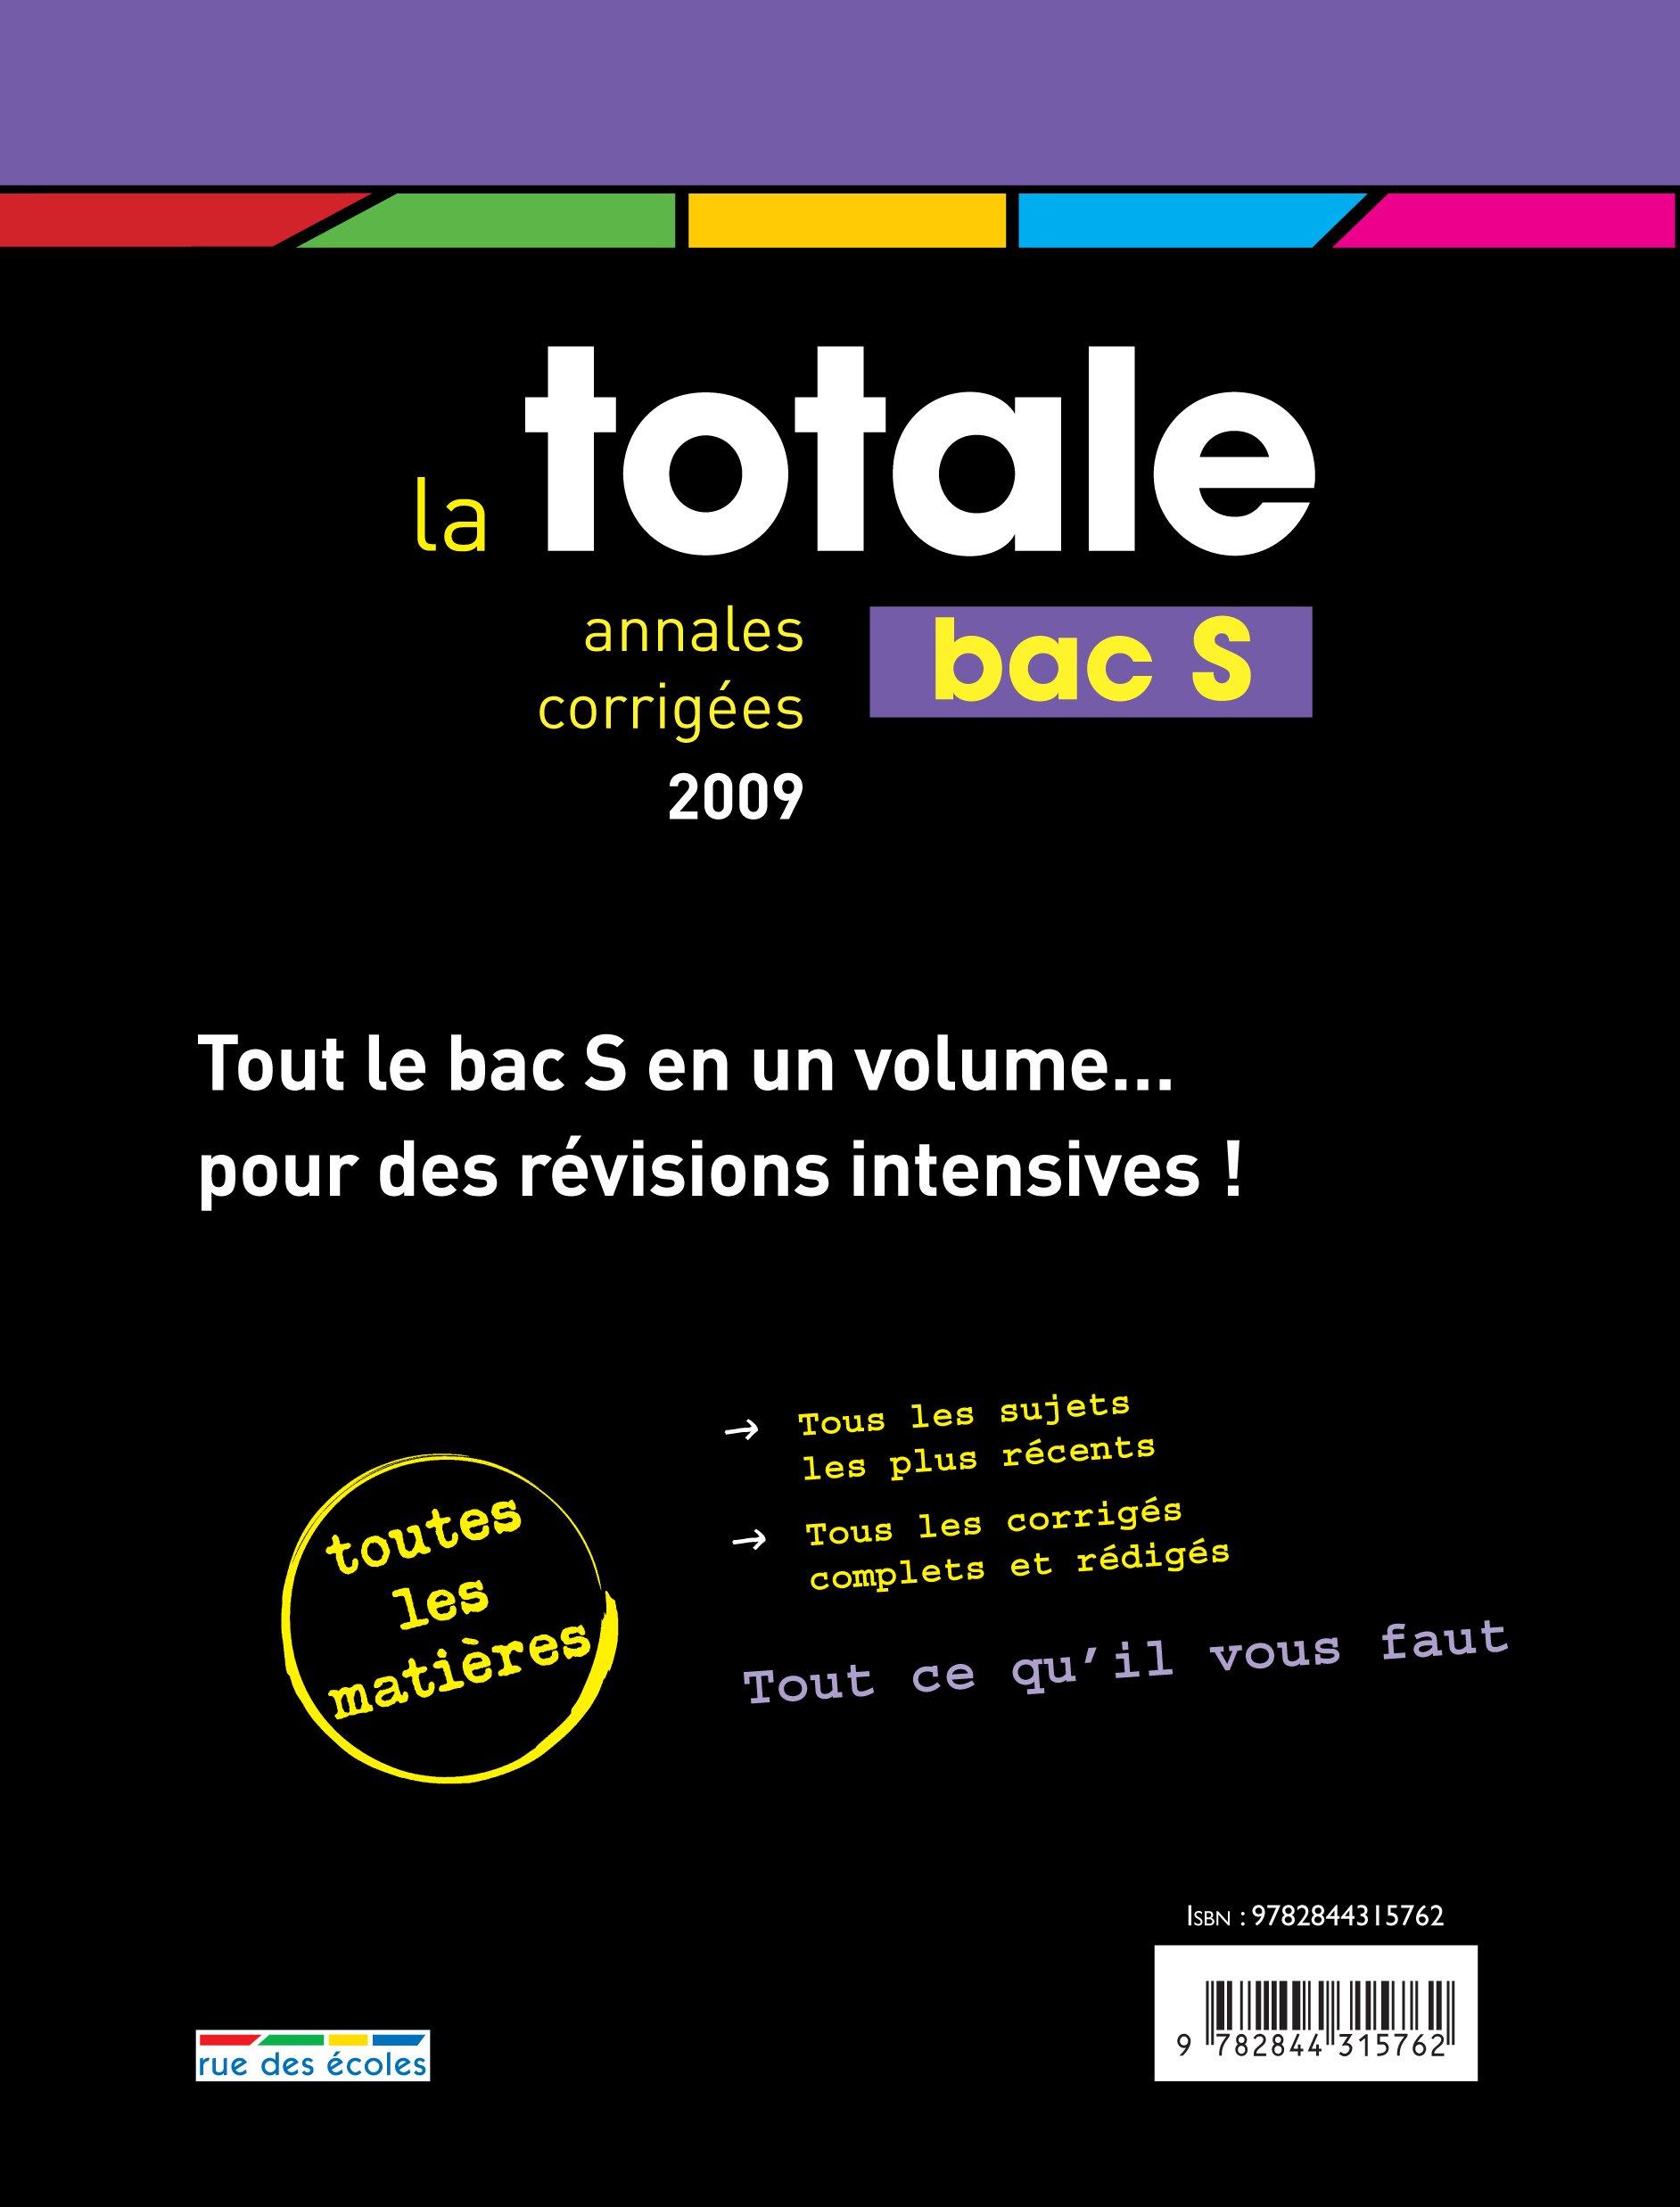 La totale Bac S : Annales corrigées 2009: Amazon.es: Maëlle Angles, Bénédicte Bourgeois, Gwenola Champel, Mireille Dautrey-Aubry, Collectif: Libros en ...